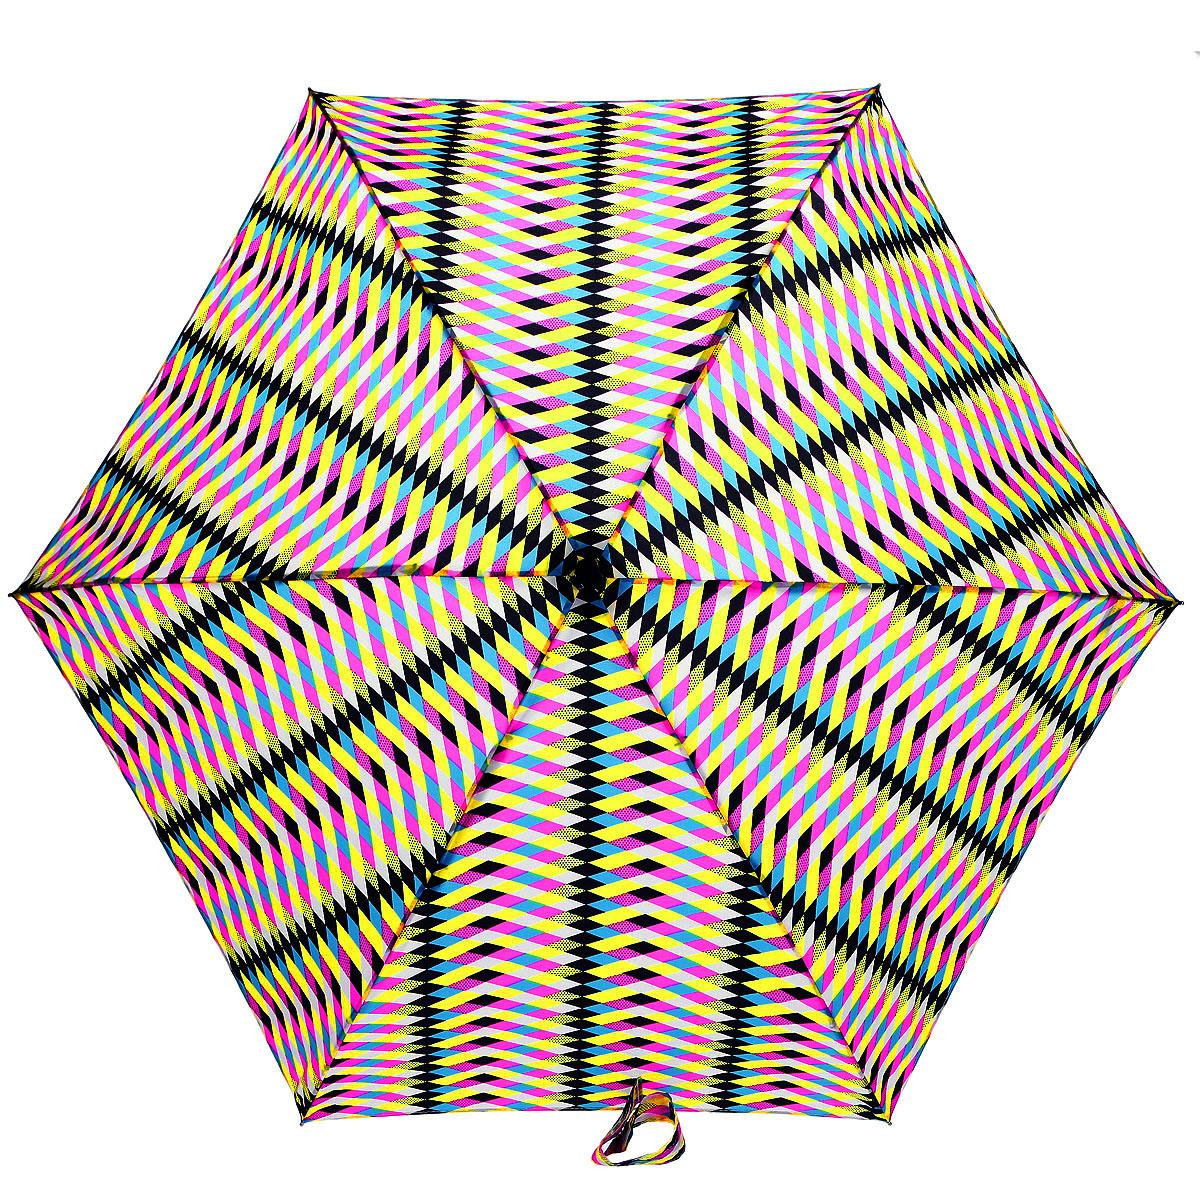 Зонт женский Fulton Lulu Guinness Tiny. Multi Milan, механический, 5 сложений, цвет: розовый, желтый, черный. L717-2957L717-2957Очаровательный механический зонт Lulu Guinness Tiny. Multi Milan в 5 сложений изготовлен из высокопрочных материалов. Каркас зонта состоит из 6 спиц и прочного алюминиевого стержня. Купол зонта выполнен из прочного полиэстера с водоотталкивающей пропиткой и оформлен оригинальным принтом. Рукоятка изготовлена из пластика. Зонт имеет механический механизм сложения: купол открывается и закрывается вручную до характерного щелчка. Небольшой шнурок, расположенный на рукоятке, позволяет надеть изделие на руку при необходимости. Модель закрывается при помощи хлястика на кнопку. К зонту прилагается чехол. Прелестный зонт не только выручит вас в ненастную погоду, но и станет стильным аксессуаром, прекрасно дополнит ваш модный образ. Необыкновенно компактный зонт с легкостью поместится в маленькую сумочку.